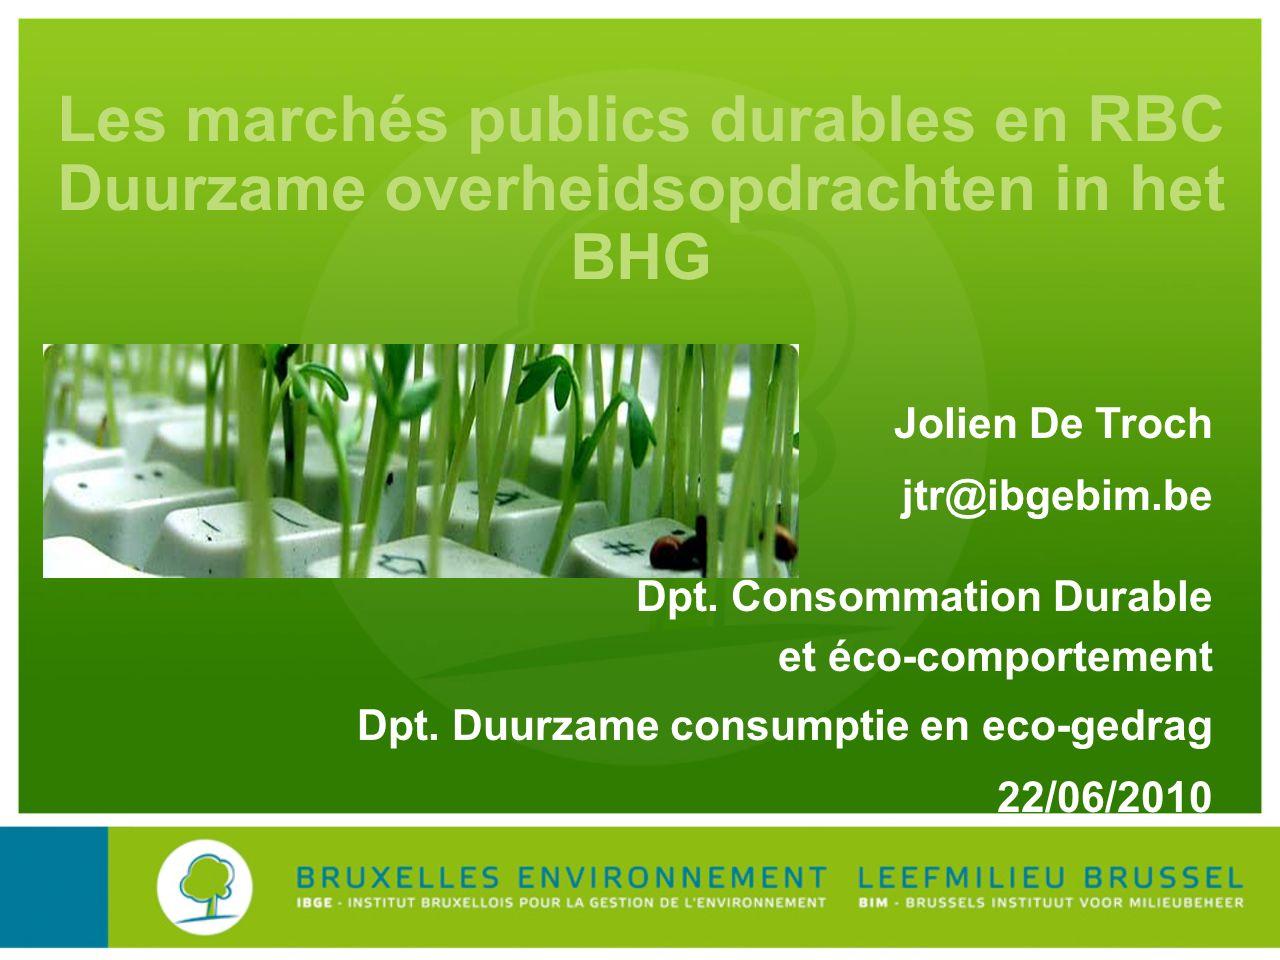 Les marchés publics durables en RBC Duurzame overheidsopdrachten in het BHG Jolien De Troch jtr@ibgebim.be Dpt. Consommation Durable et éco-comporteme